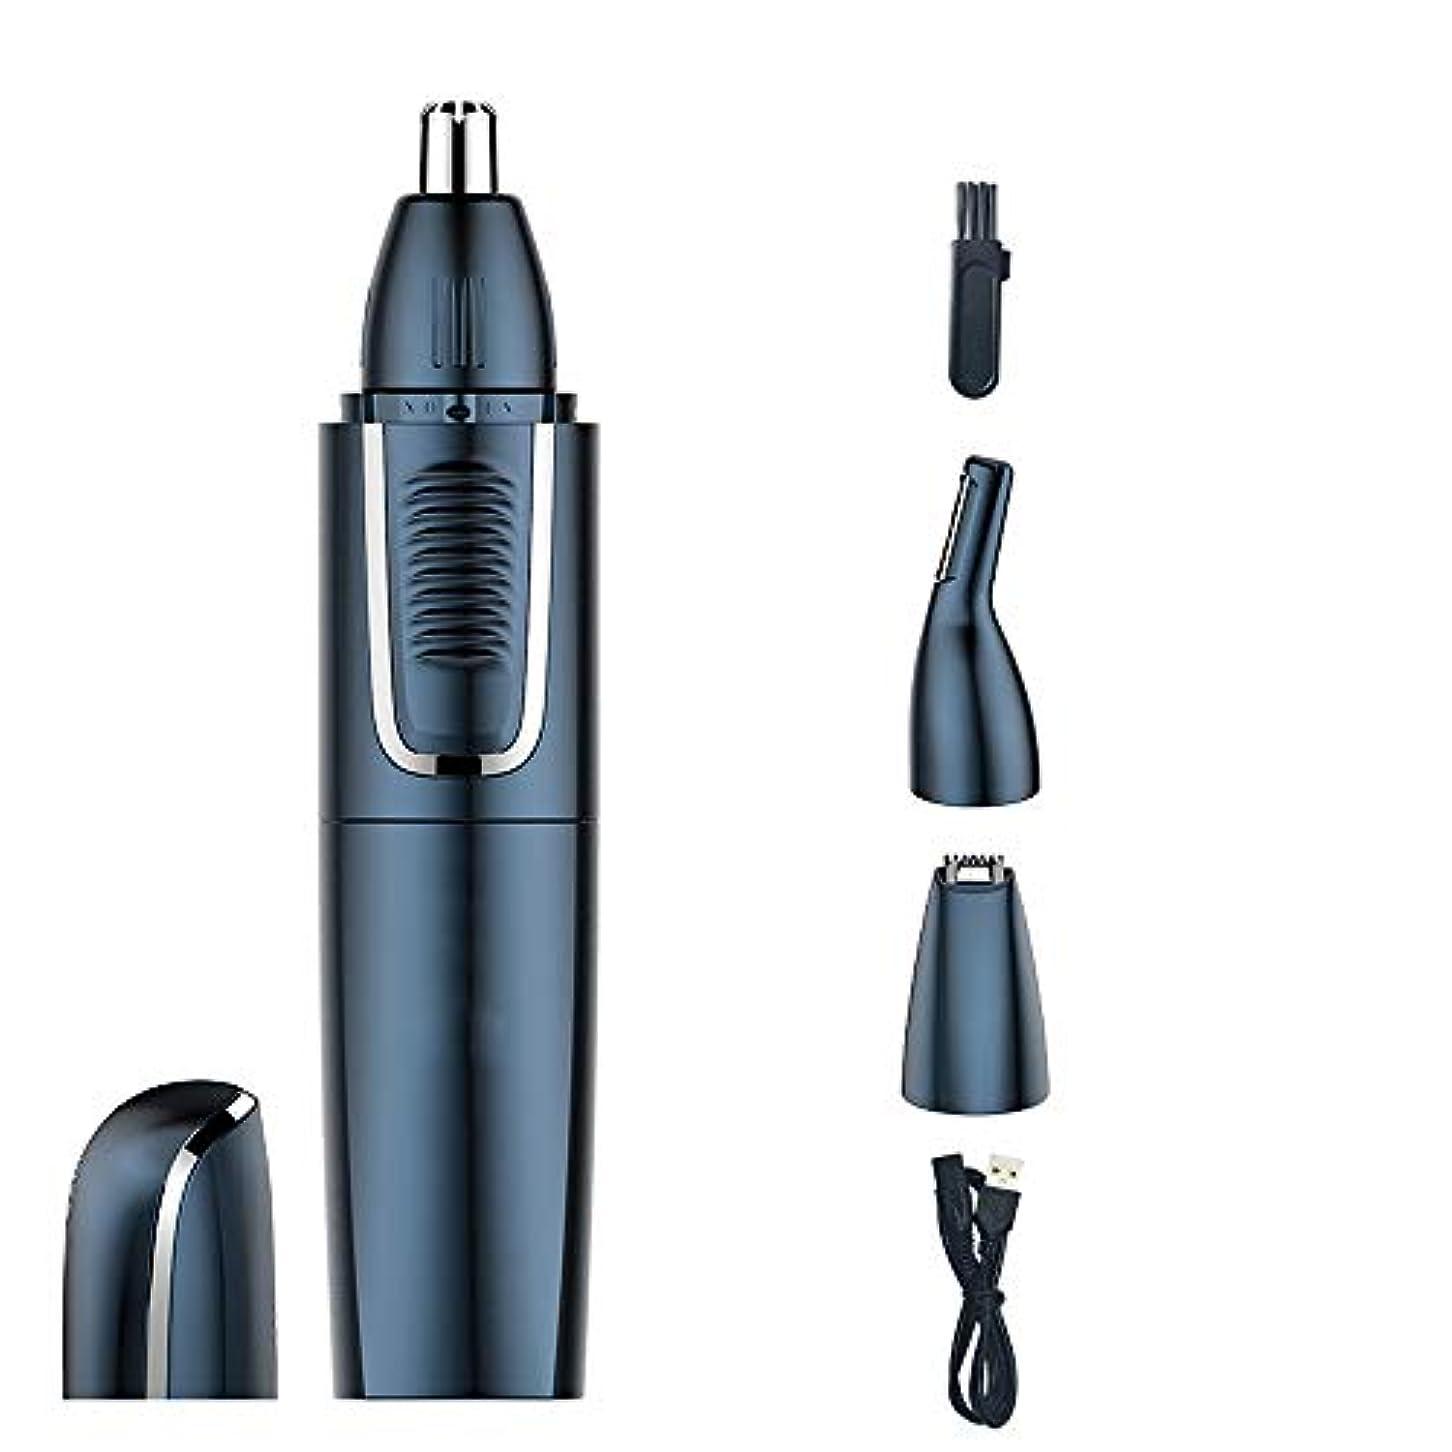 共和国ジャム論争鼻毛トリマー-安全マニュアルステンレススチールメンズラウンドヘッドハサミ/多機能鼻毛トリマー/ 360°垂直ネットカッターヘッド/高さ135mm 作り方がすぐれている